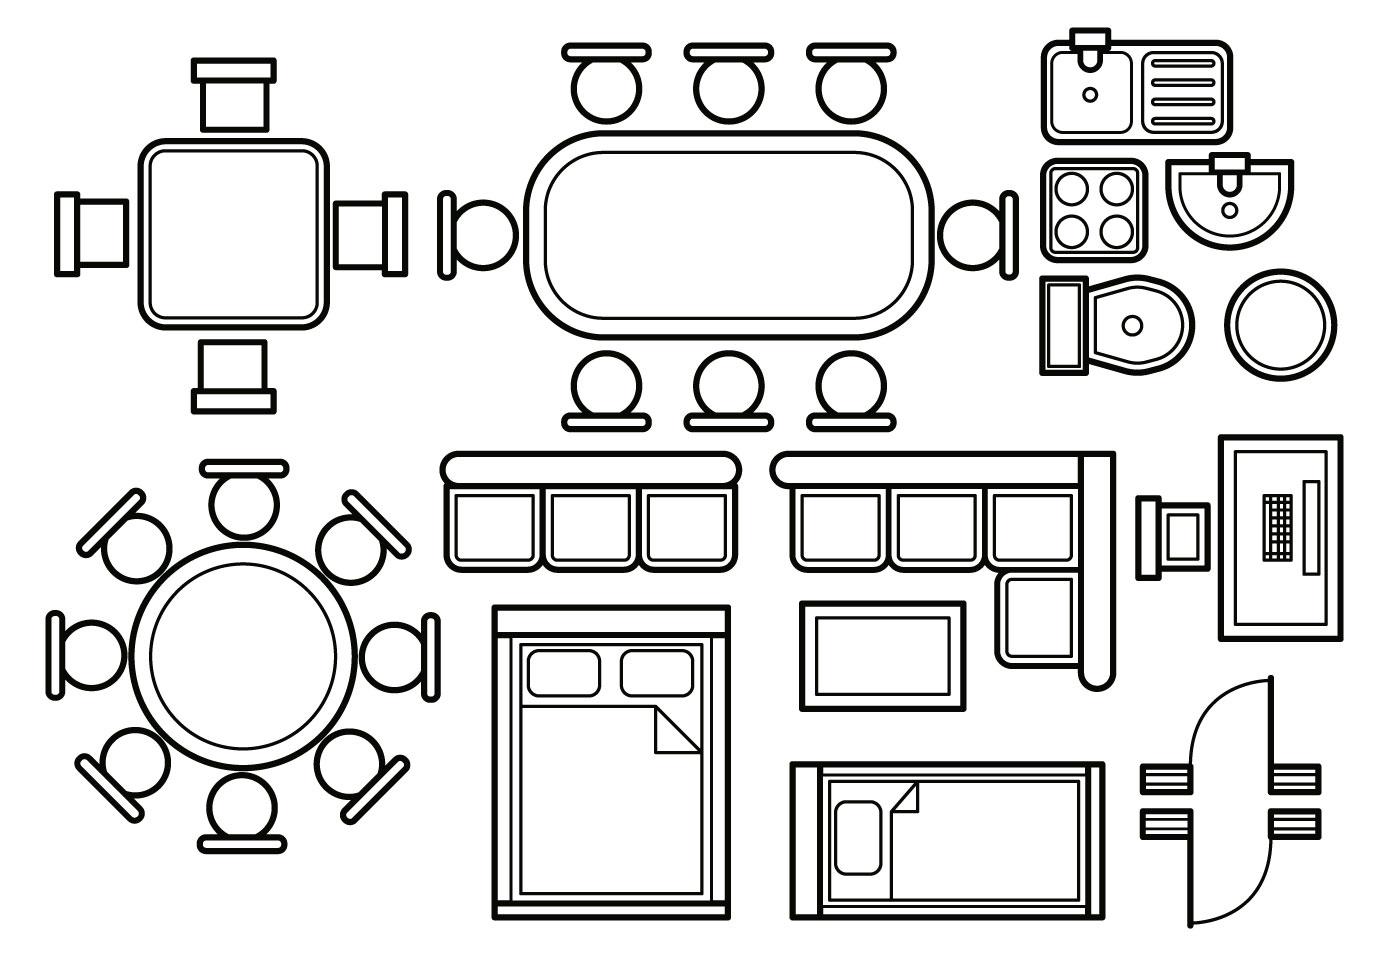 Floor plan  vector  Download Free Vector  Art Stock